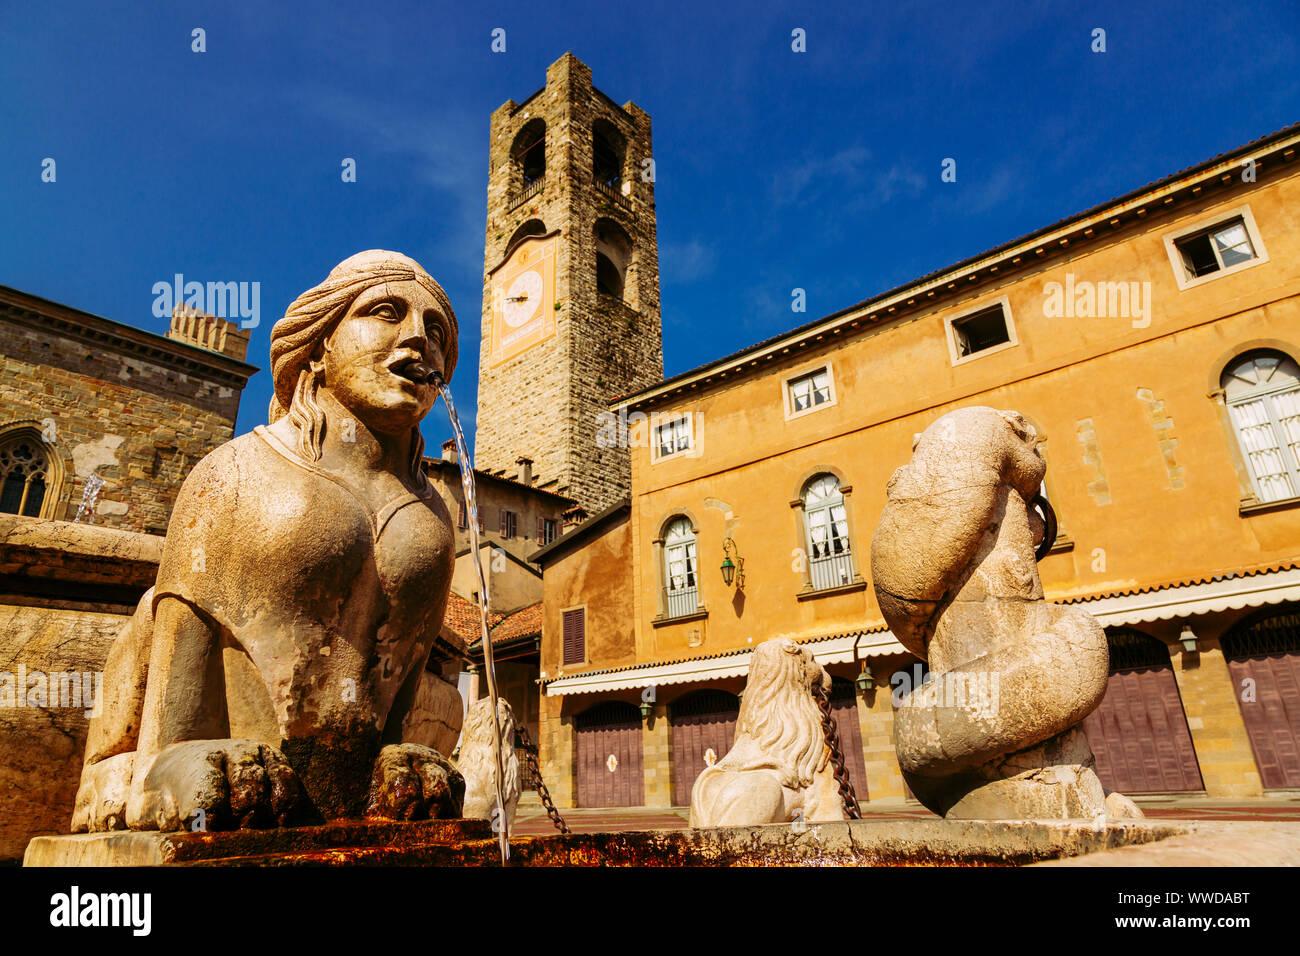 Contarini fountain on Piazza Vecchia, Citta Alta, Bergamo, Italy Stock Photo